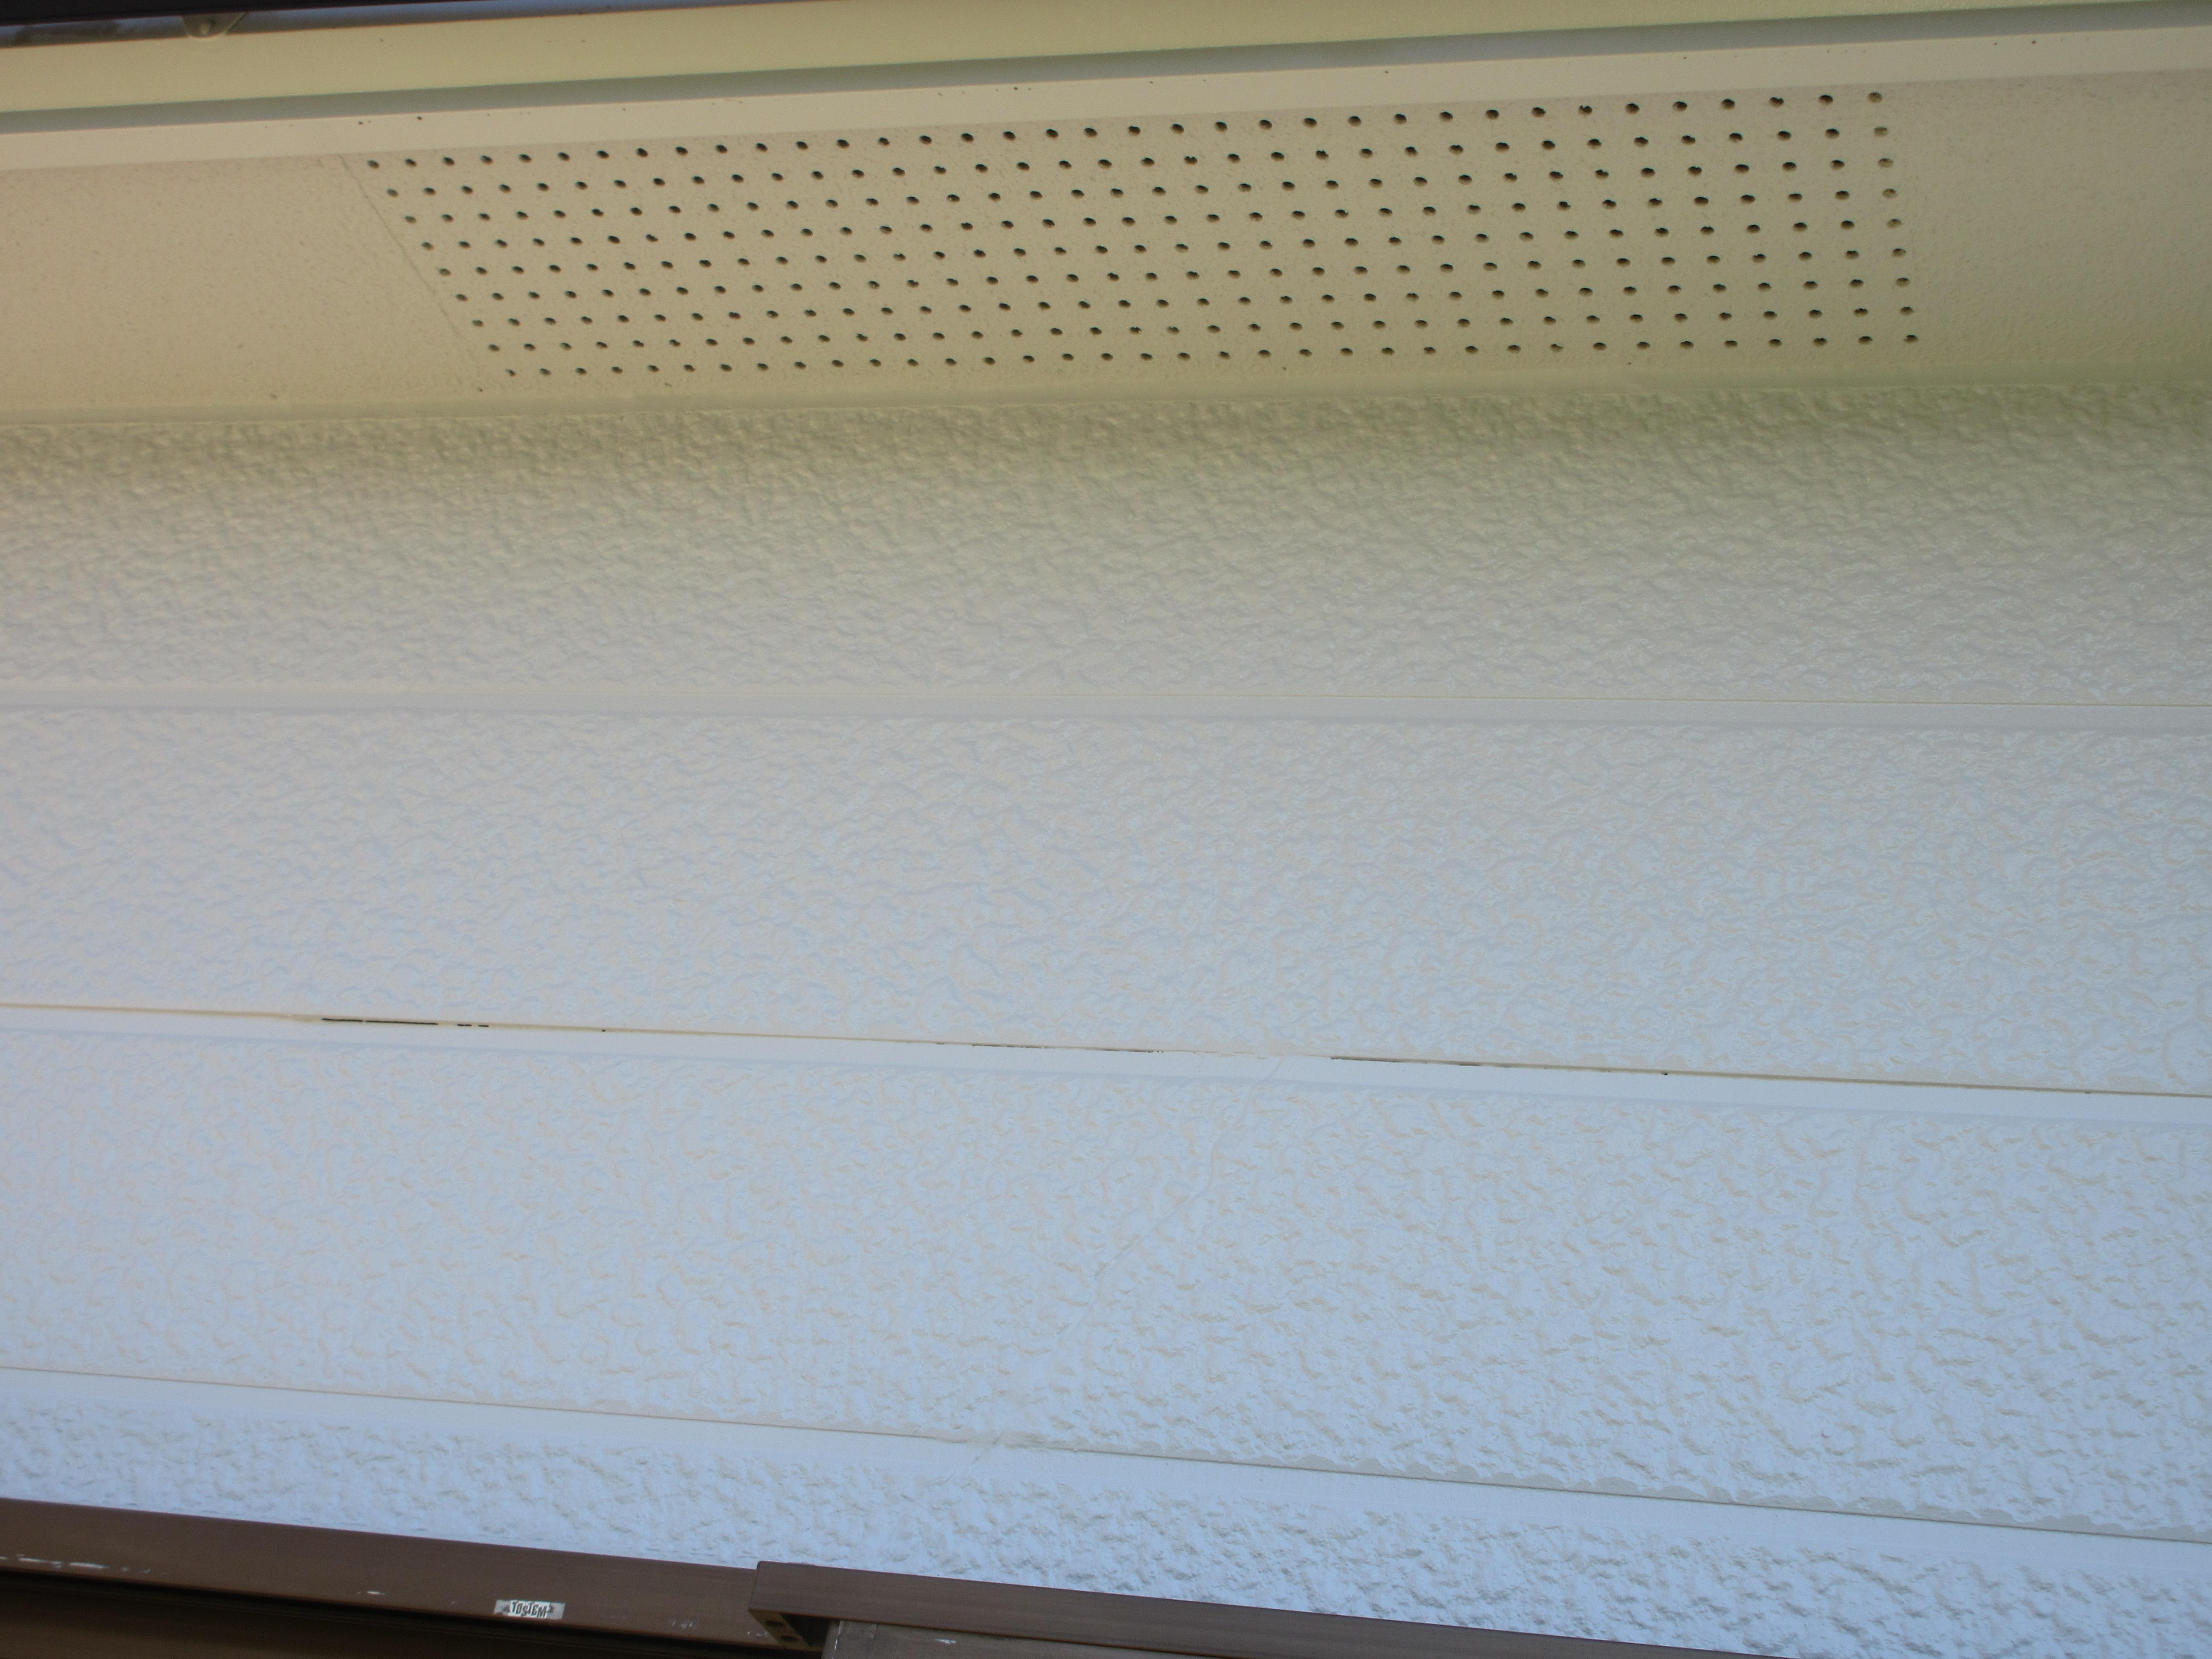 【和歌山市】T様邸<br>『ライトグレーの外壁と黒の屋根でエレガントな仕上がりに♪』12